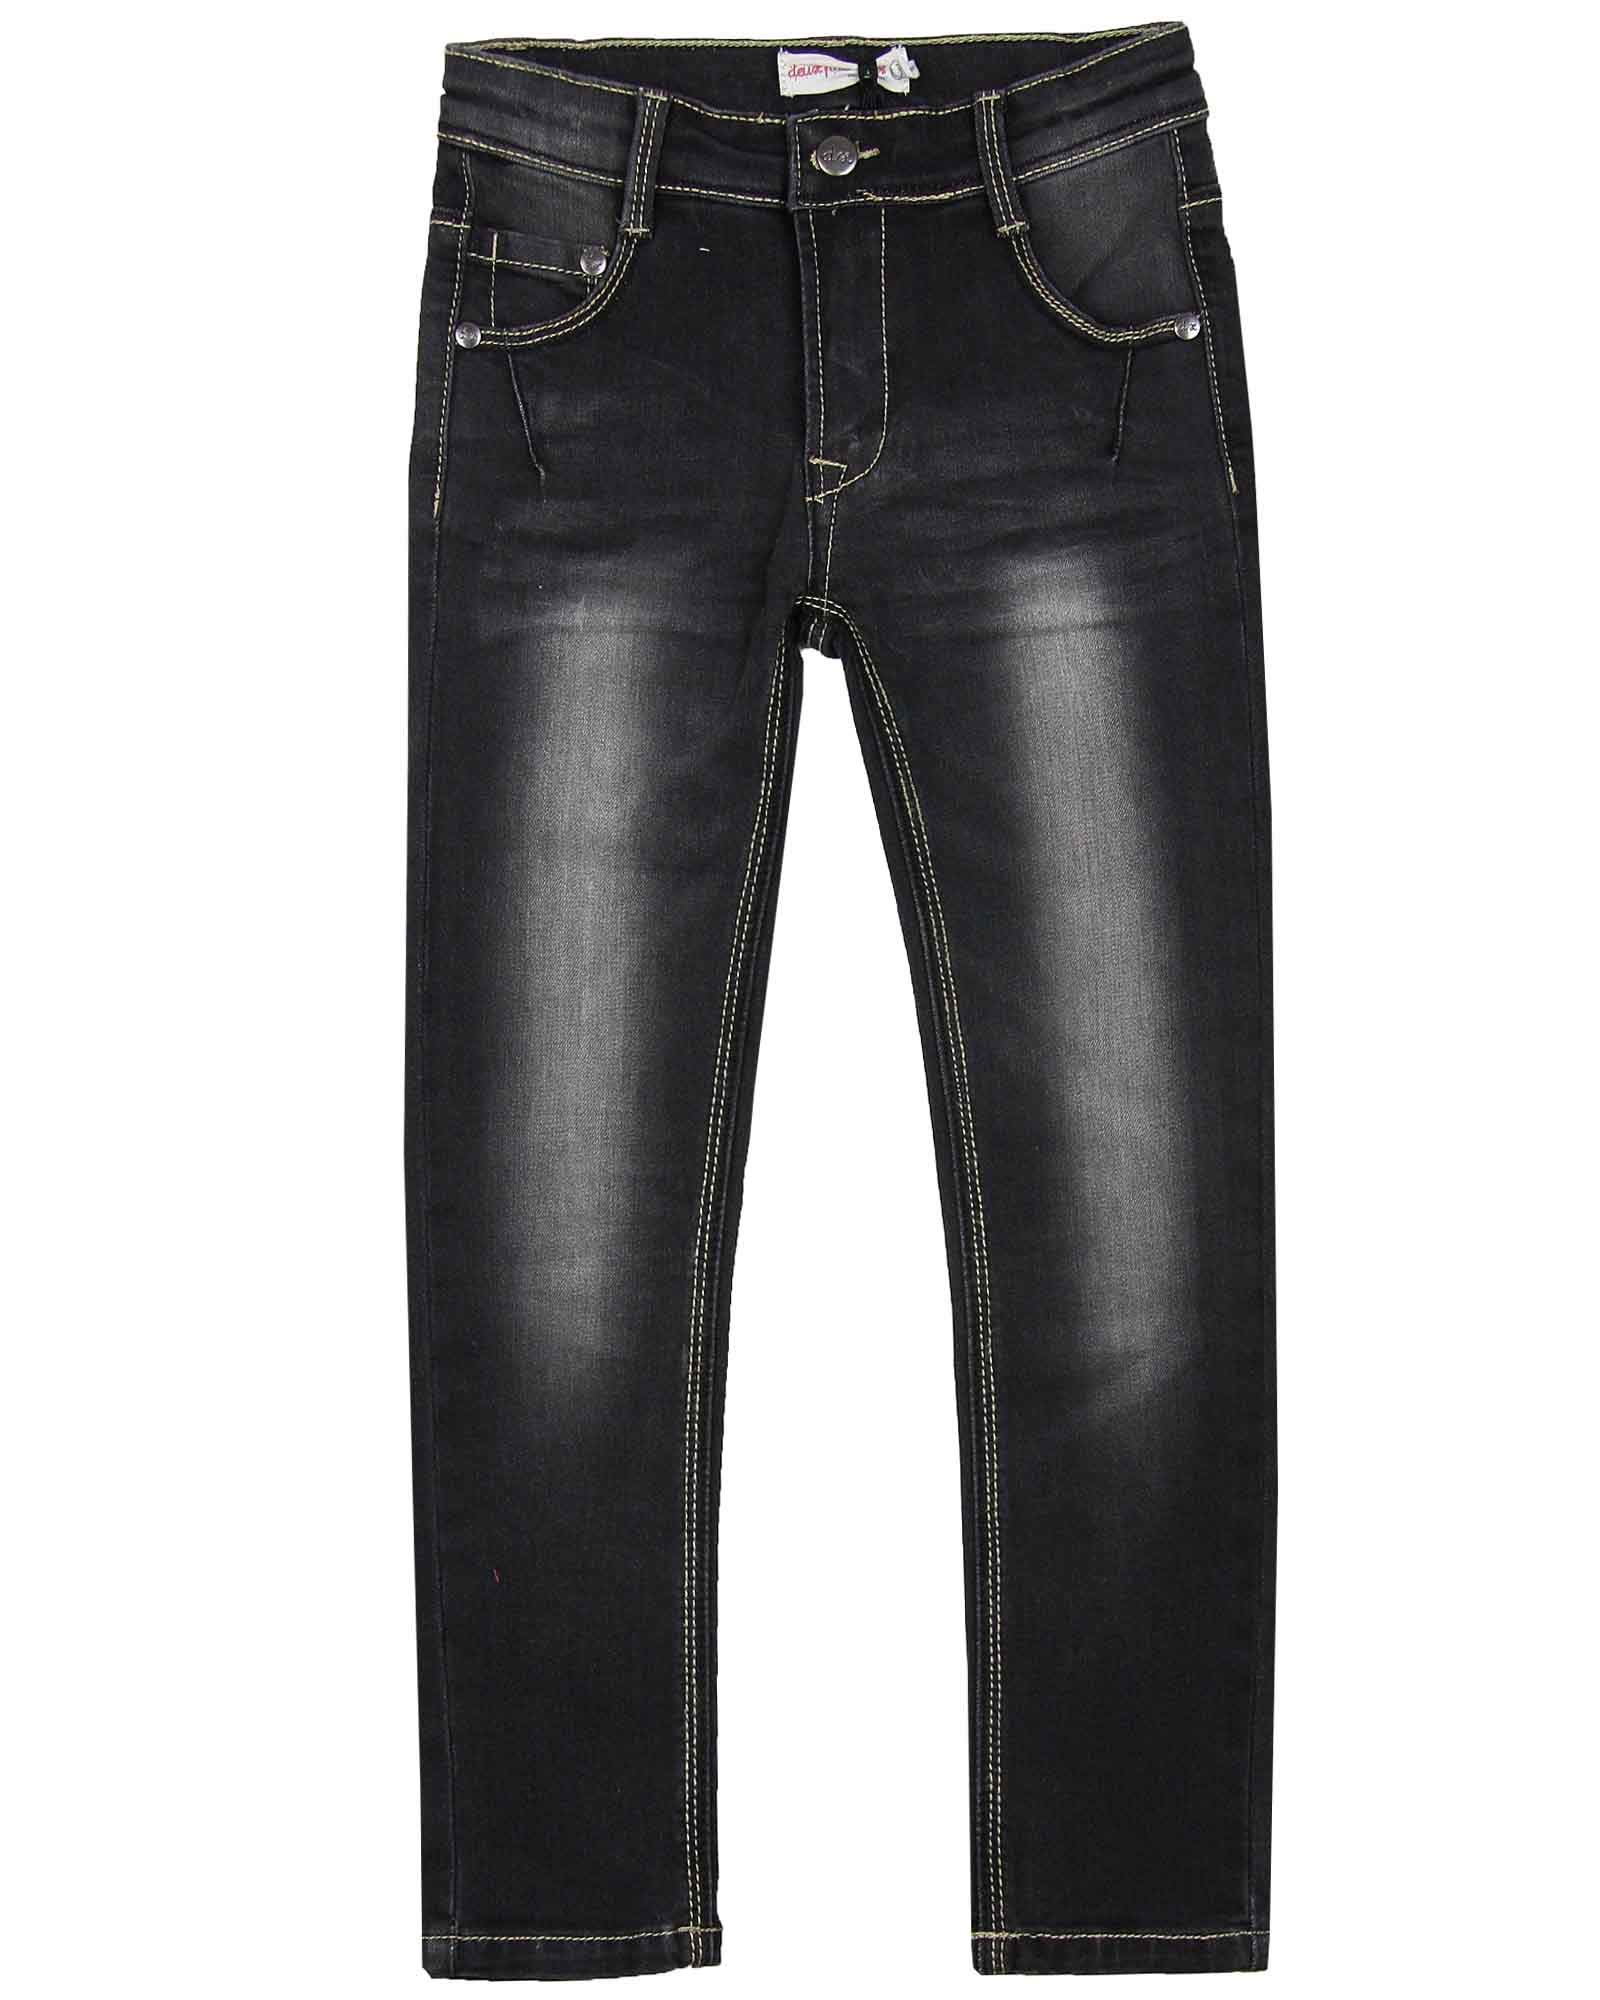 Deux par Deux Boys' Slim Fit Denim Pants in Black, Sizes 3-12 - 8